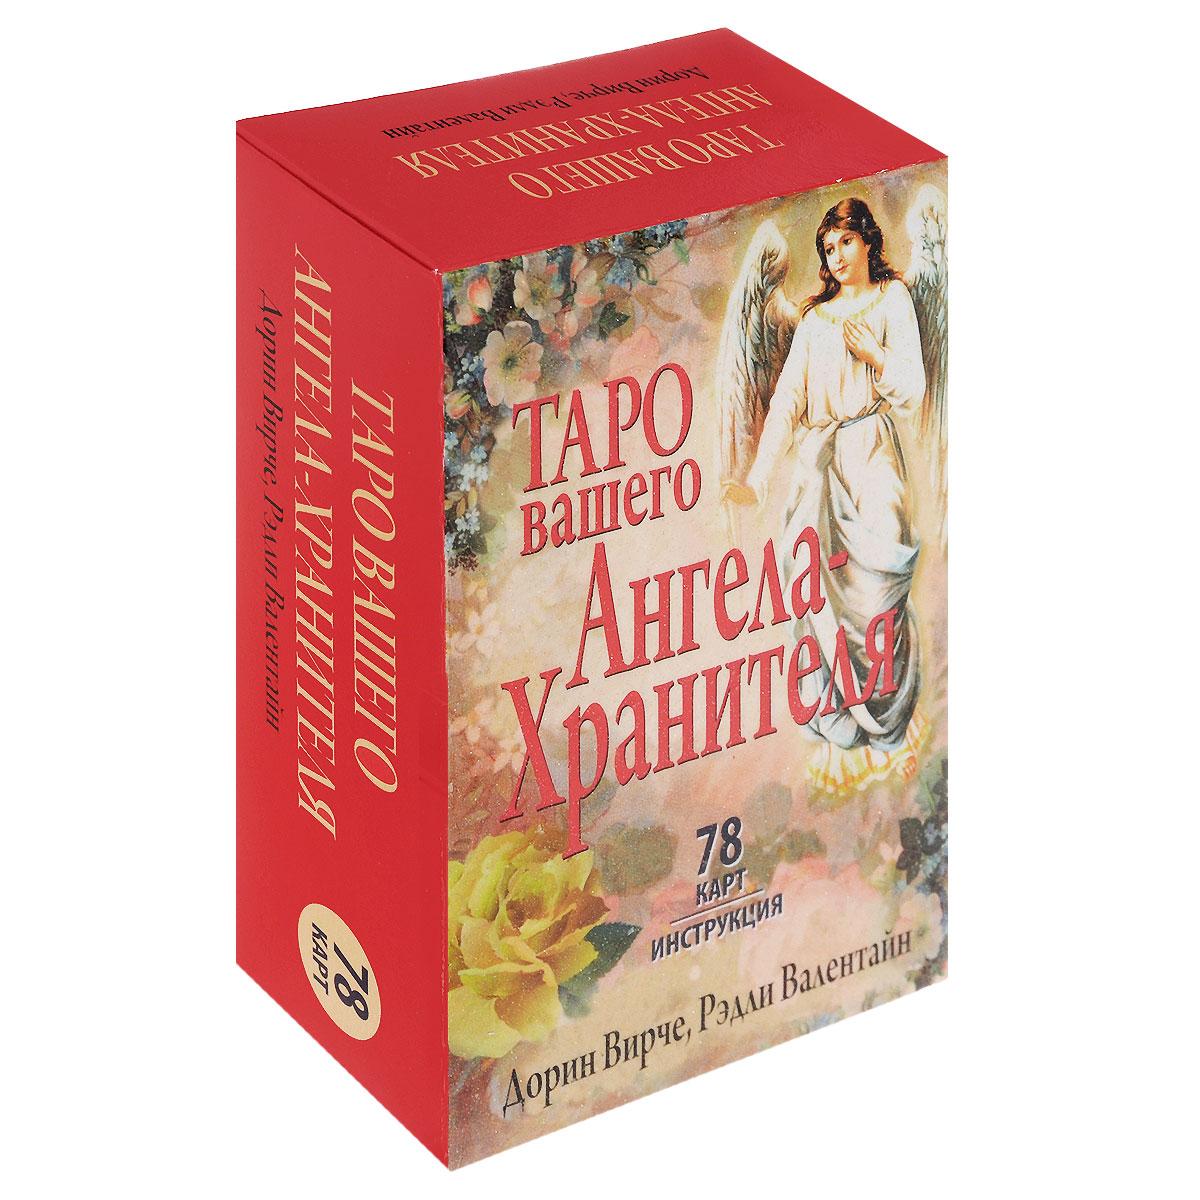 Дорин Вирче, Рэдли Валентайн Таро вашего ангела-хранителя (набор из 78 карт + инструкция) дорин вирче послания ангелов для влюбленных